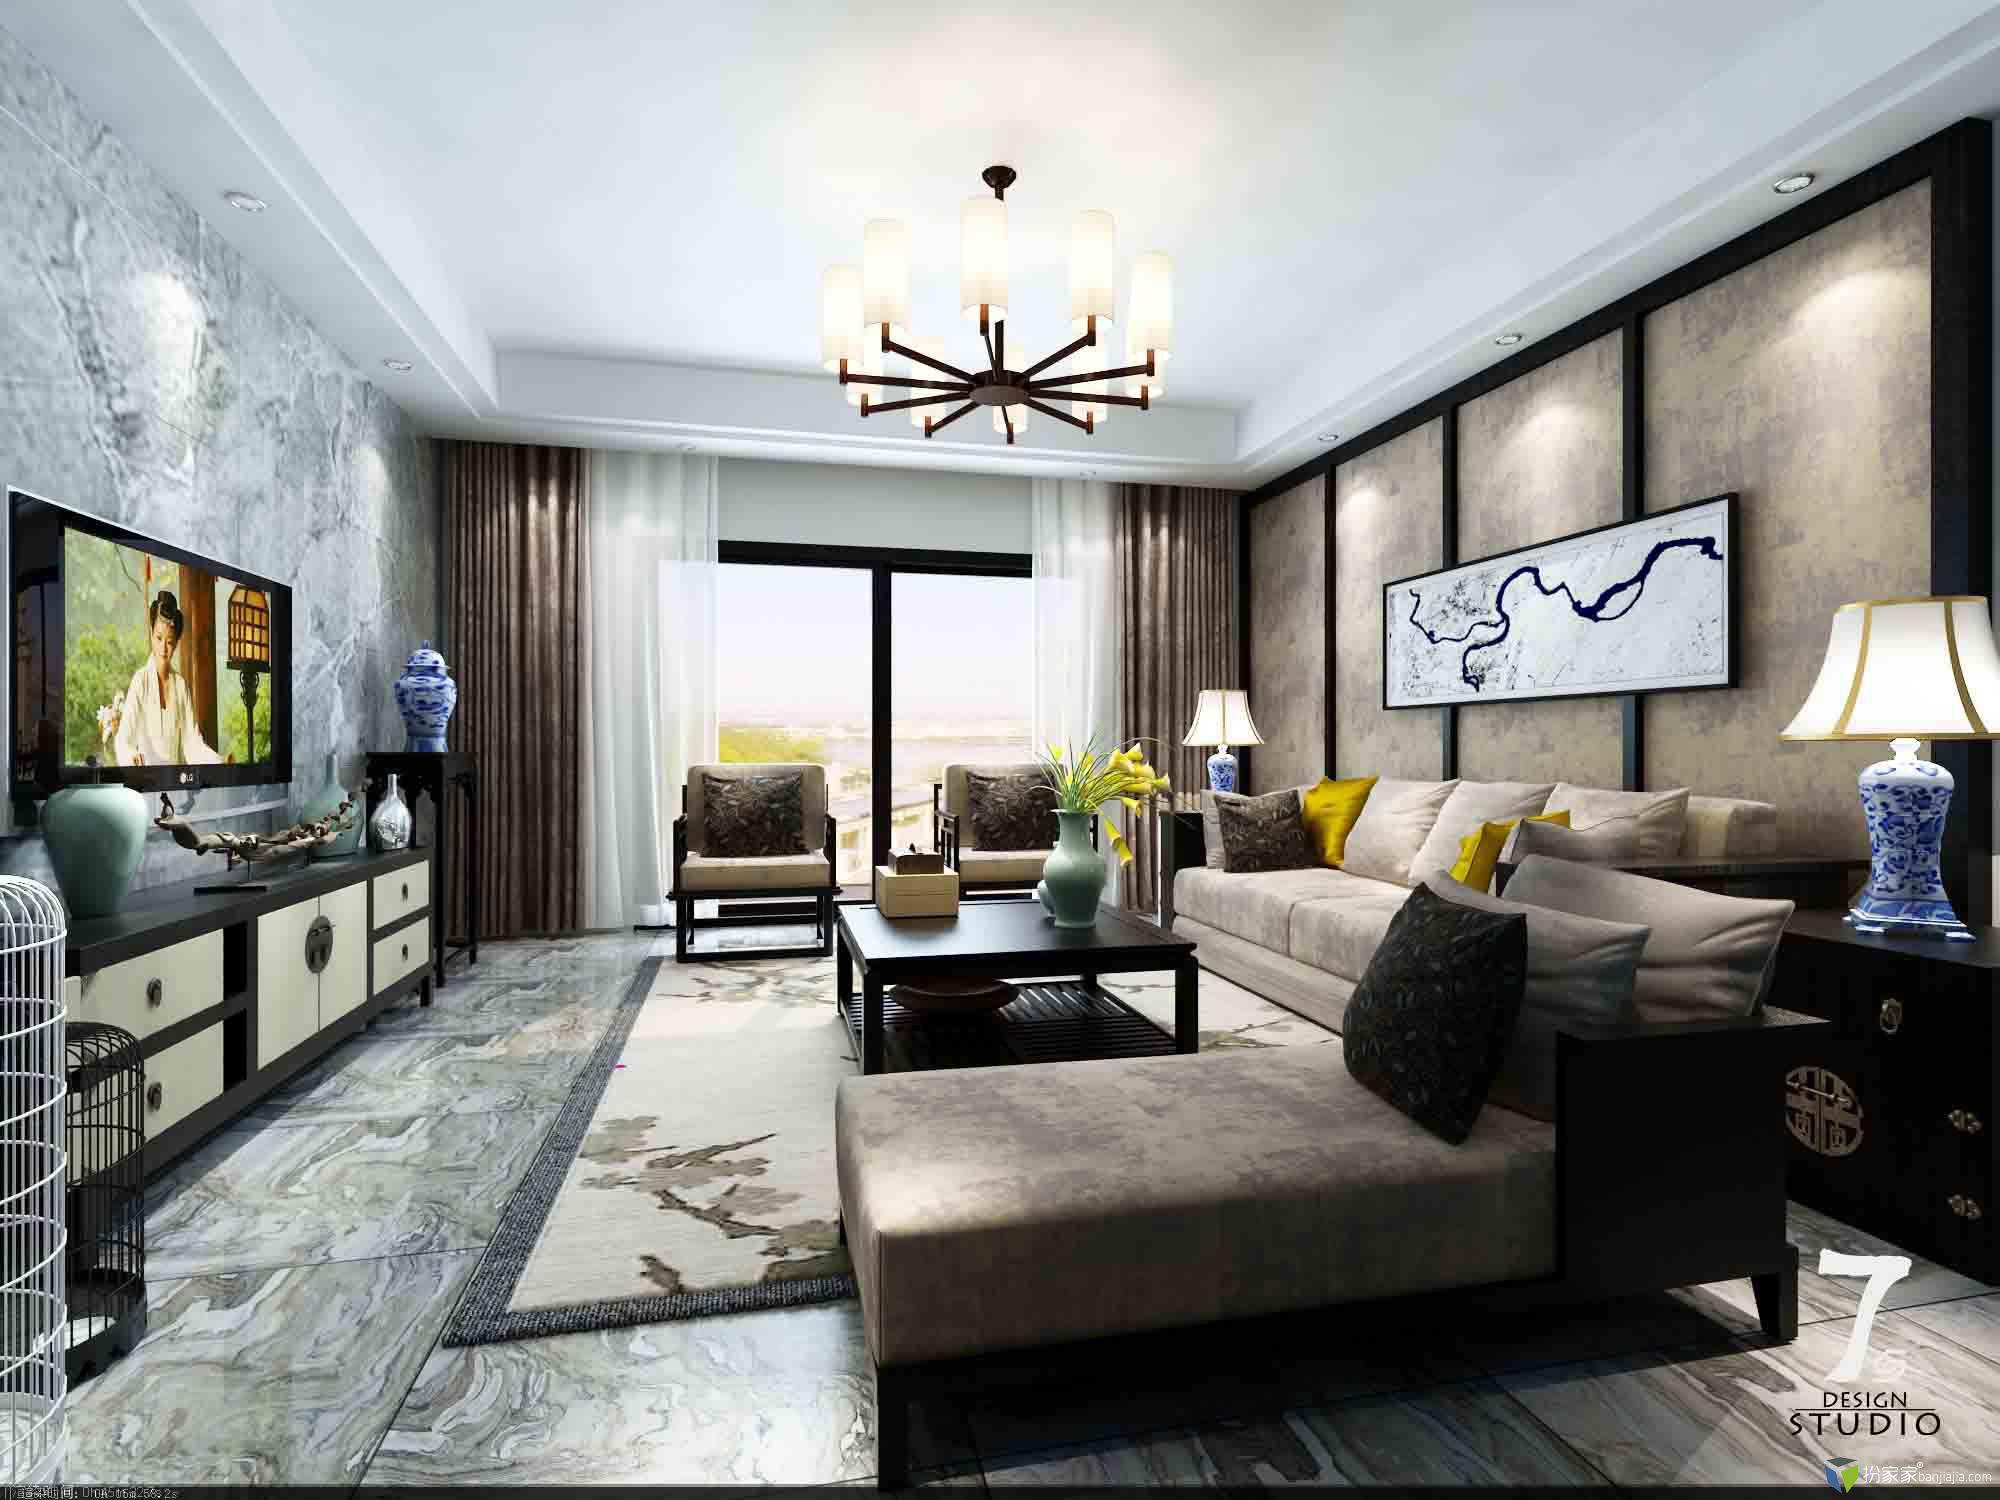 新中式客厅 - 扮家家室内设计网